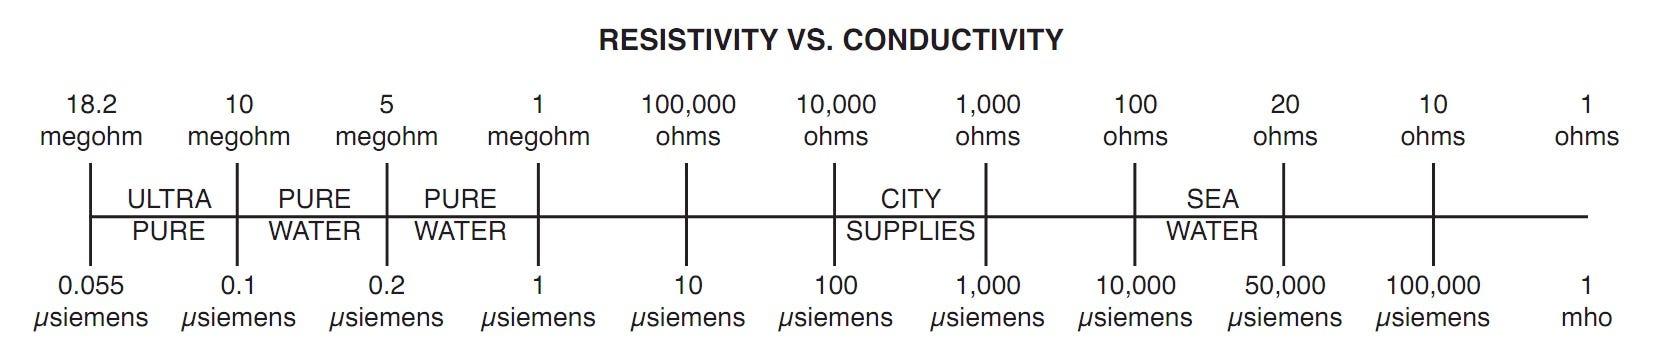 Chất lượng nước DI có thể đạt đến mức cao nhất là 18.2 MegaOhm hay đạt độ dẫn điện 0.055 µS/cm. Tuy nhiên, trong thực tế đạt hơn 10 MegaOhm đã là cao rồi